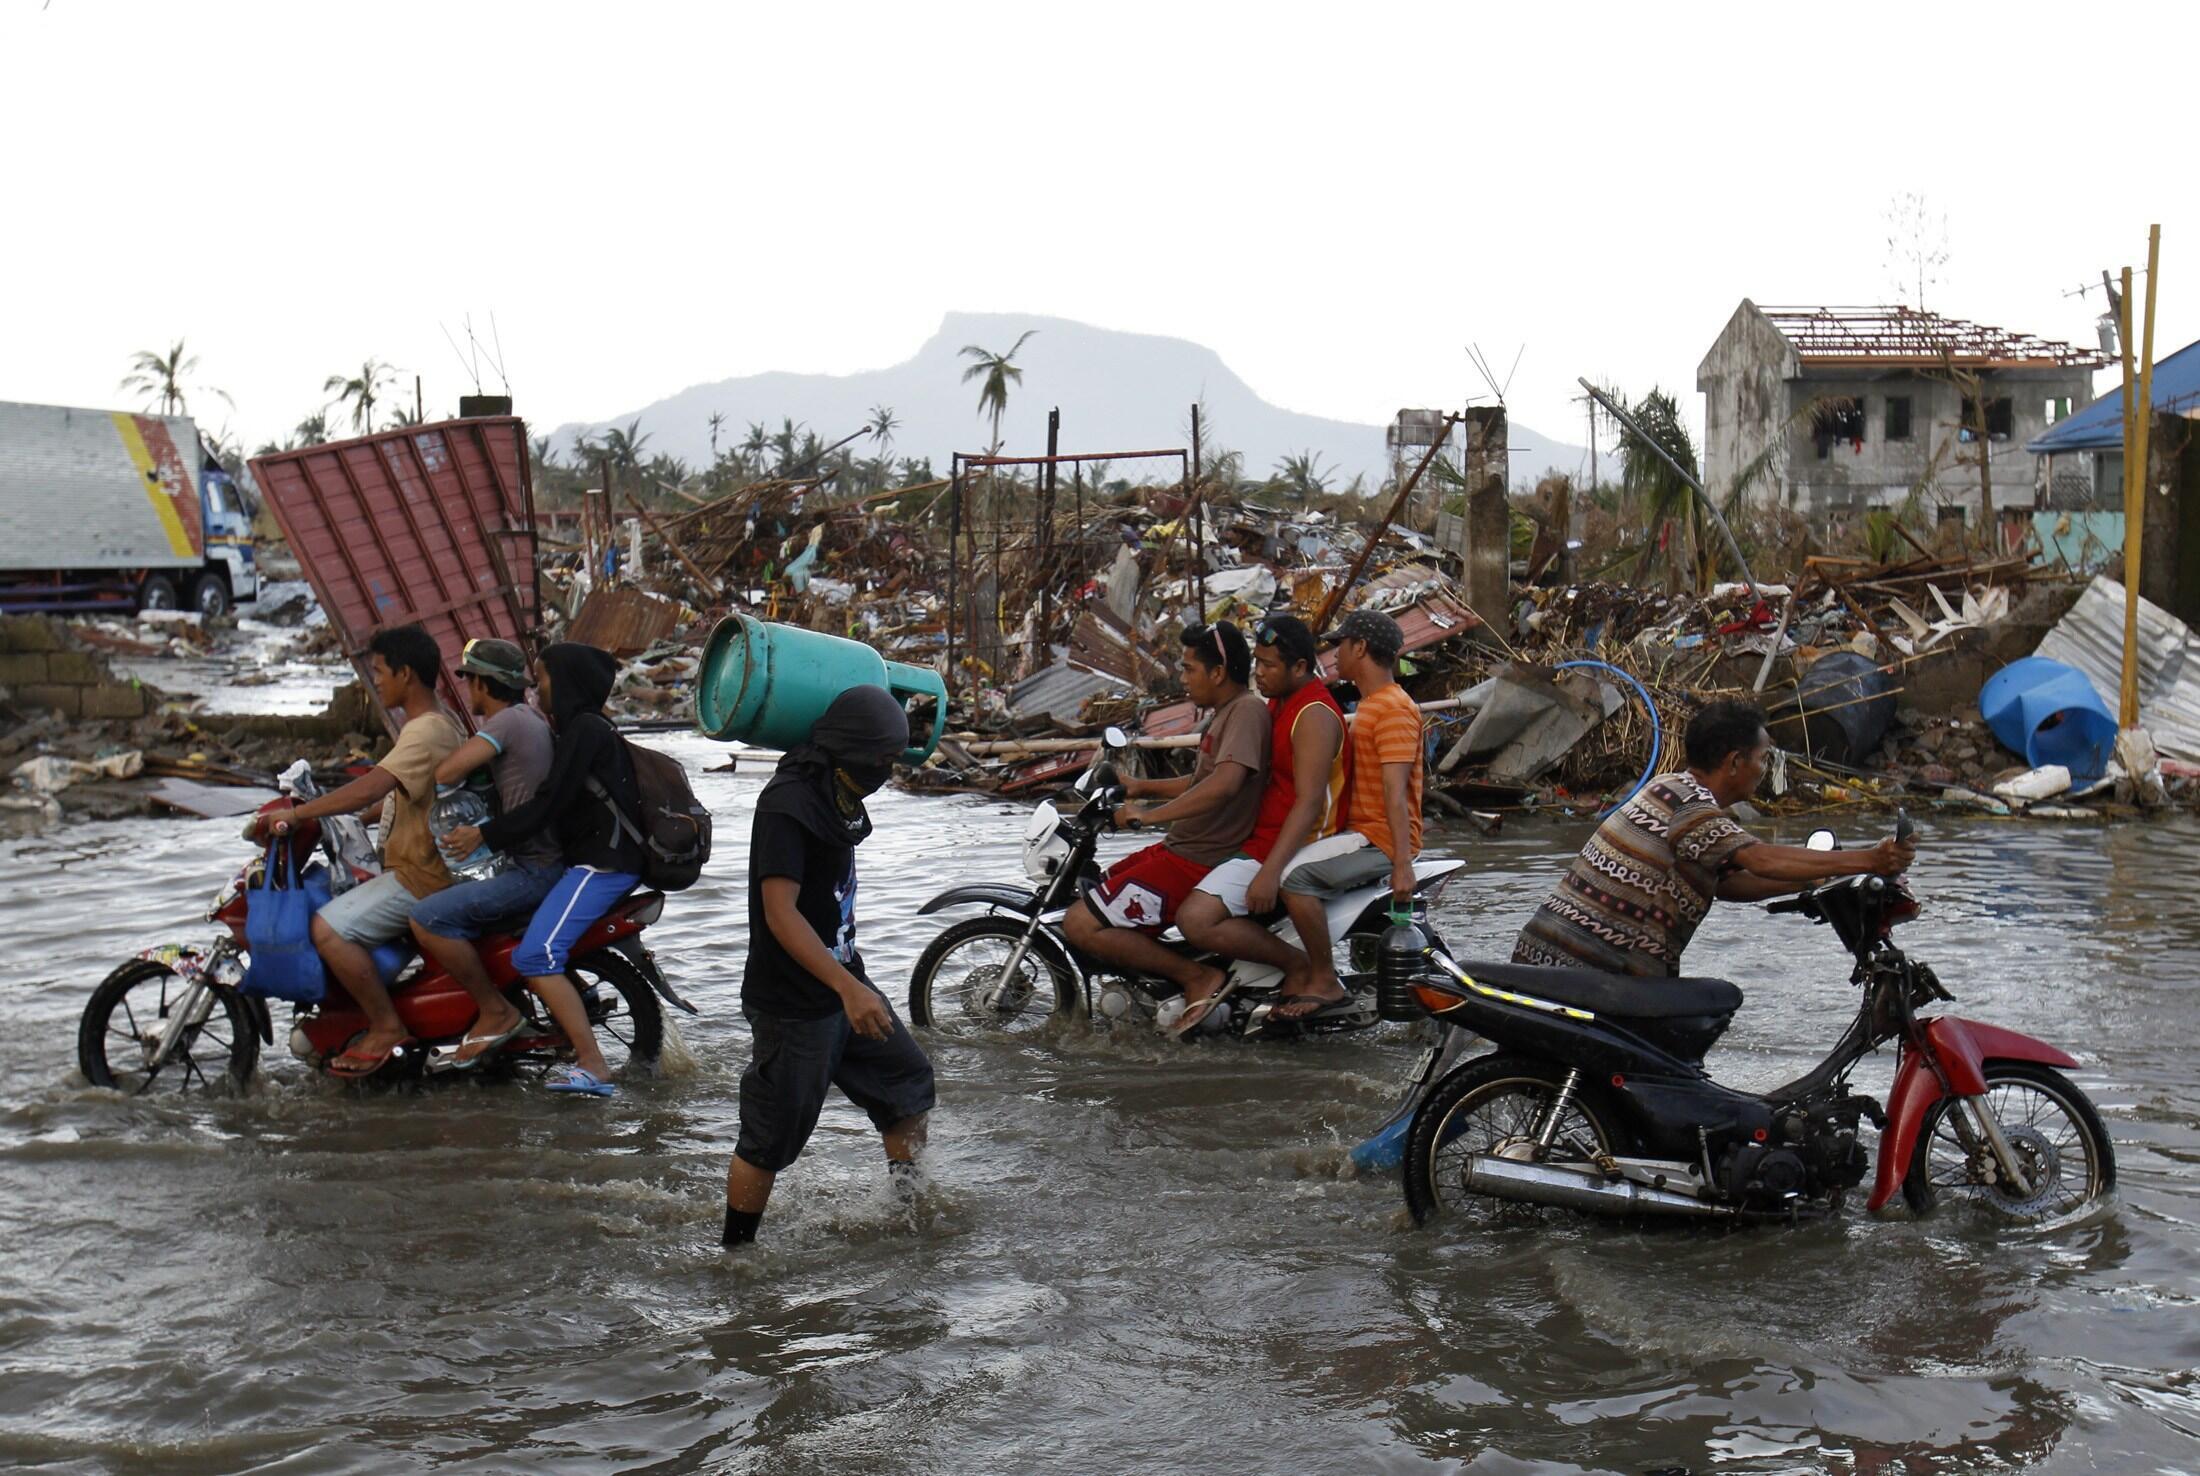 Thành phố Tacloban chẳng những bị tàn phá, mà còn bị ngập lụt 14/11/2013 - REUTERS /Edgar Su